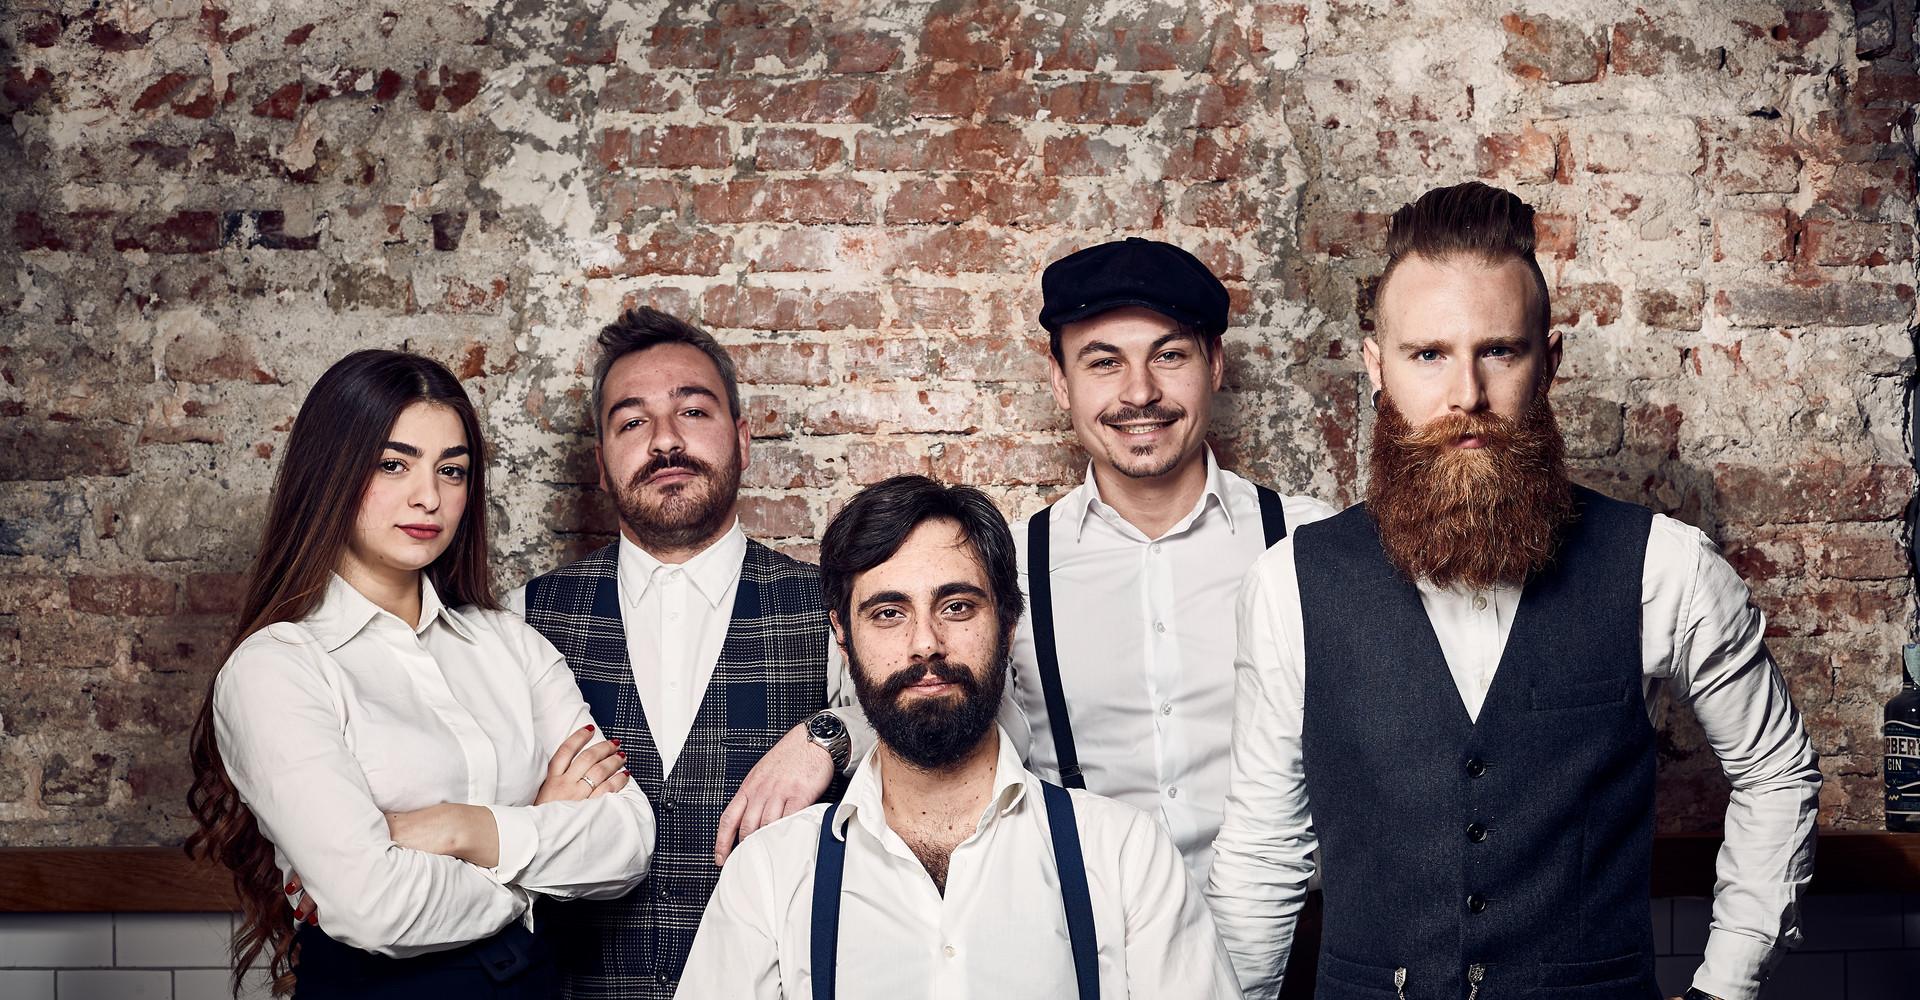 Tonsor - Gentleman Club